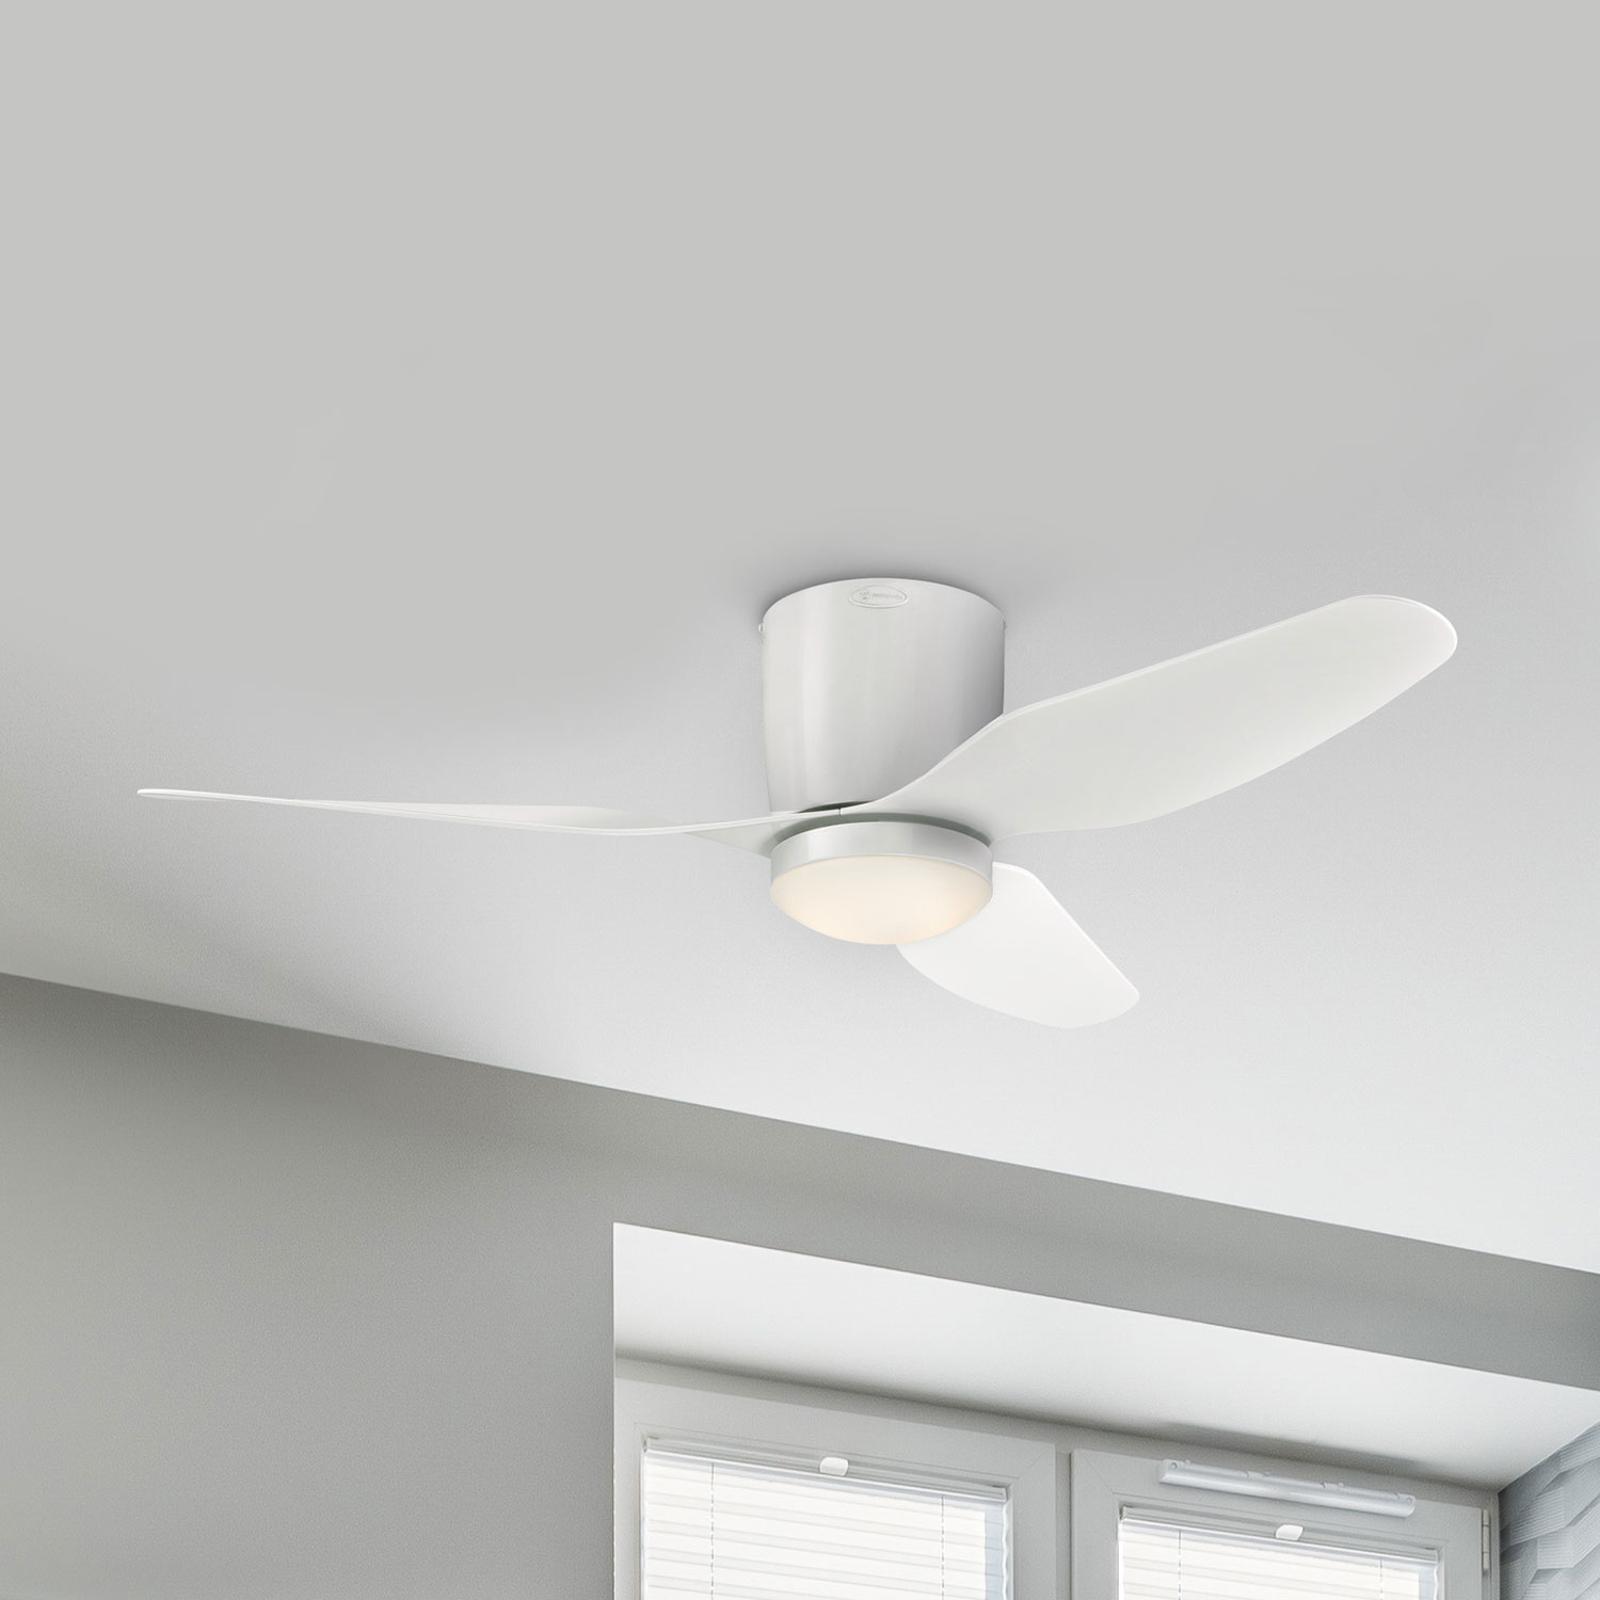 Westinghouse Carla takvifte med LED, hvit